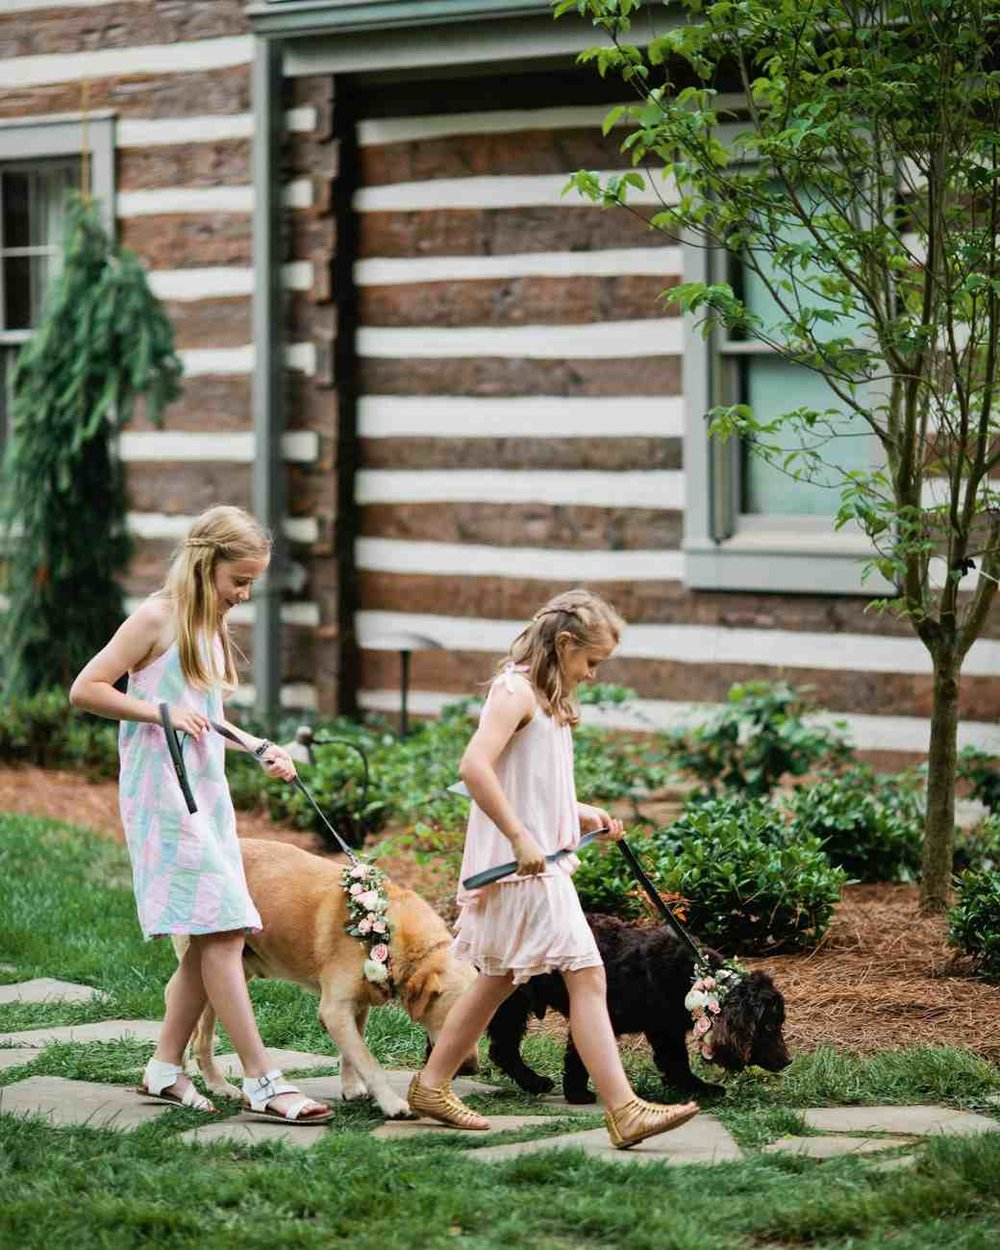 memree-rich-wedding-dogs-391-6257086-0217_vert.jpg